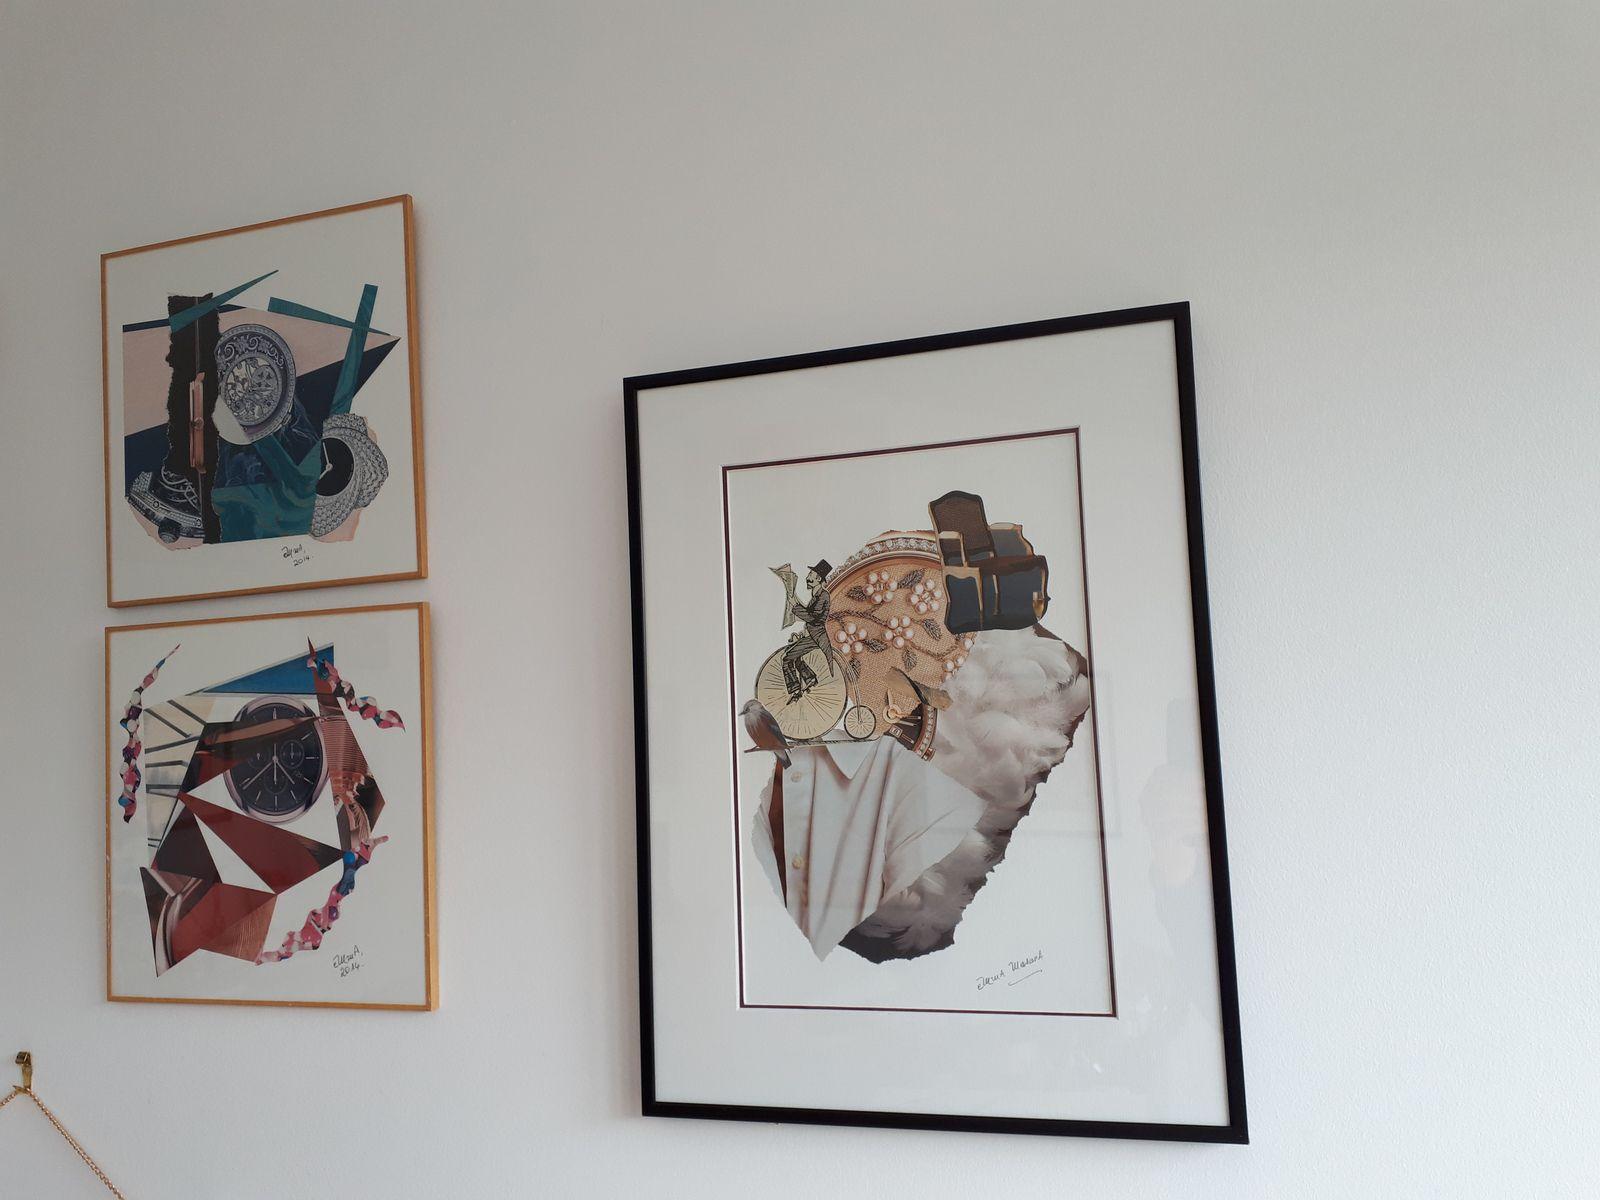 """Les Collages d'eMmA MessanA, dans l'atelier le collage N°469 """"Nouvelles du Temps"""", exemplaire unique  © eMmA MessanA"""